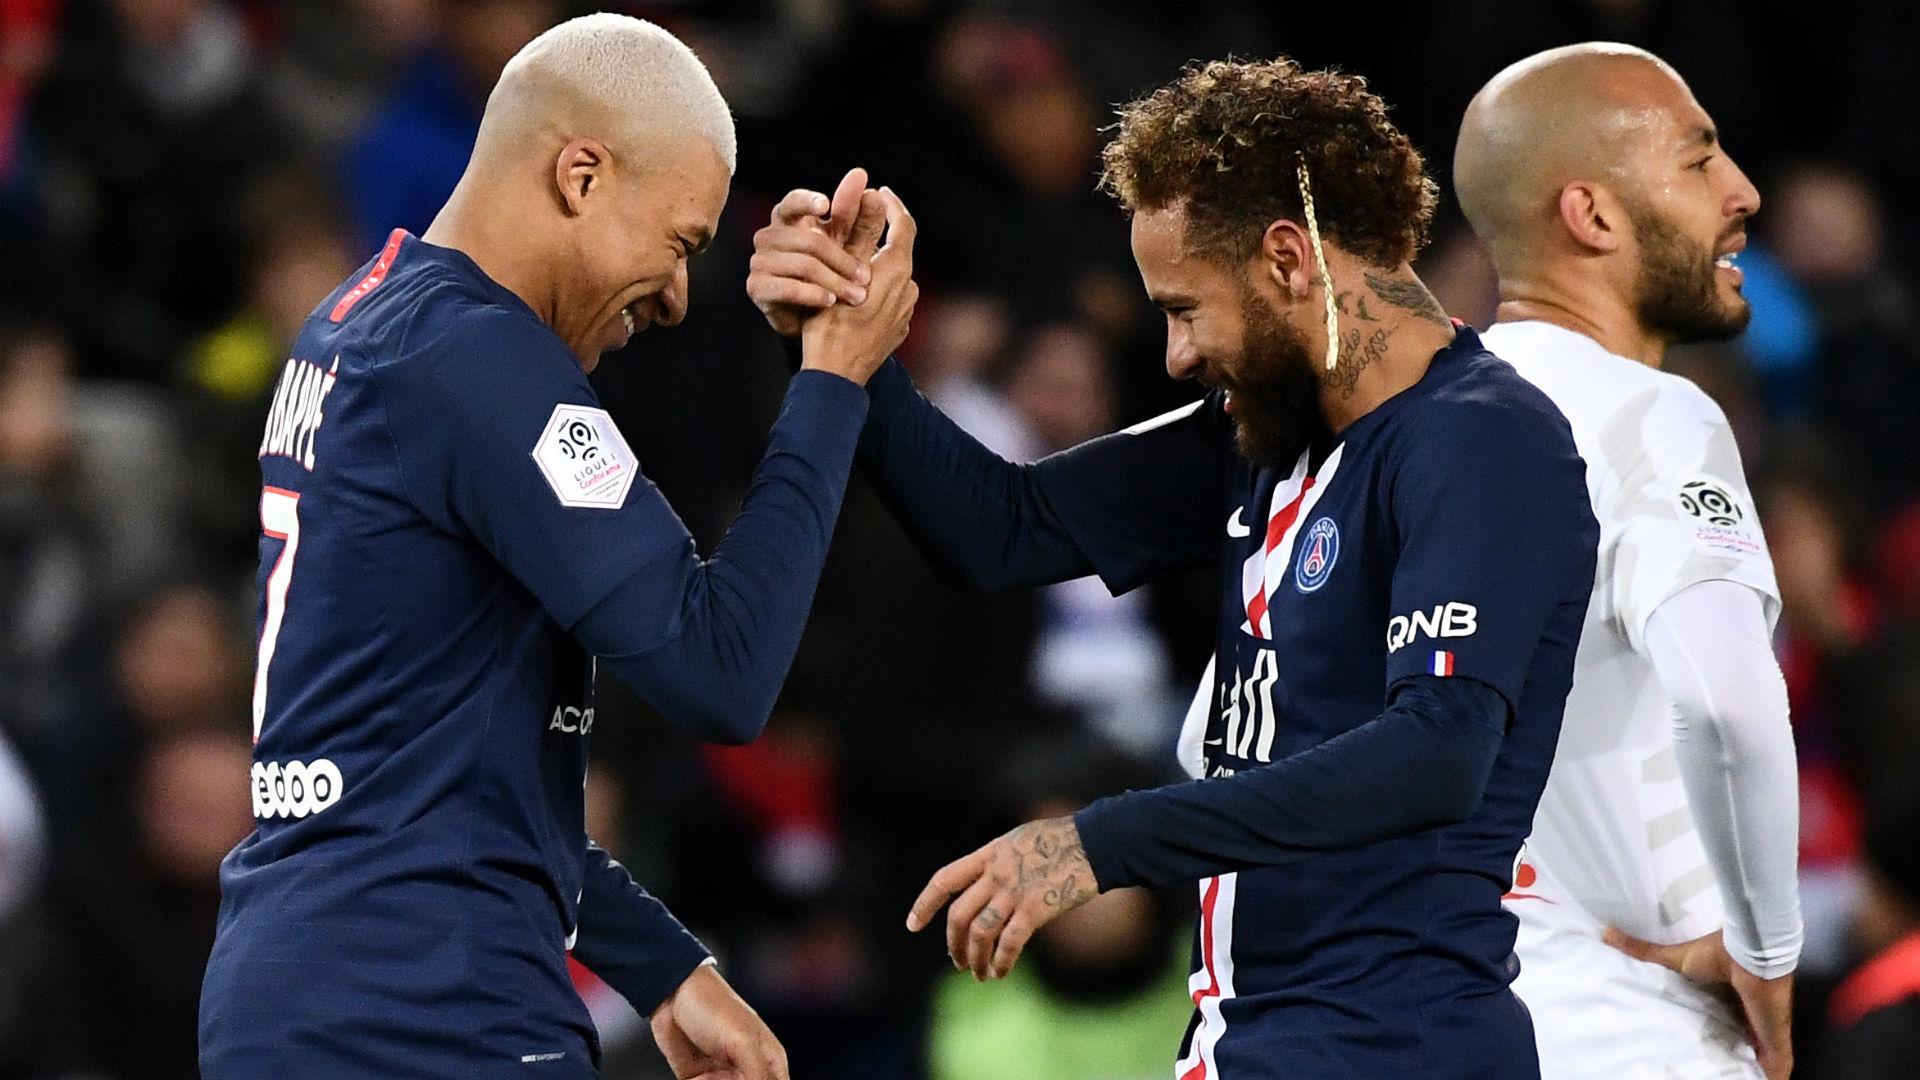 Paris Saint-Germain 4-1 Amiens: Mbappe, Neymar and Icardi devastate struggling visitors